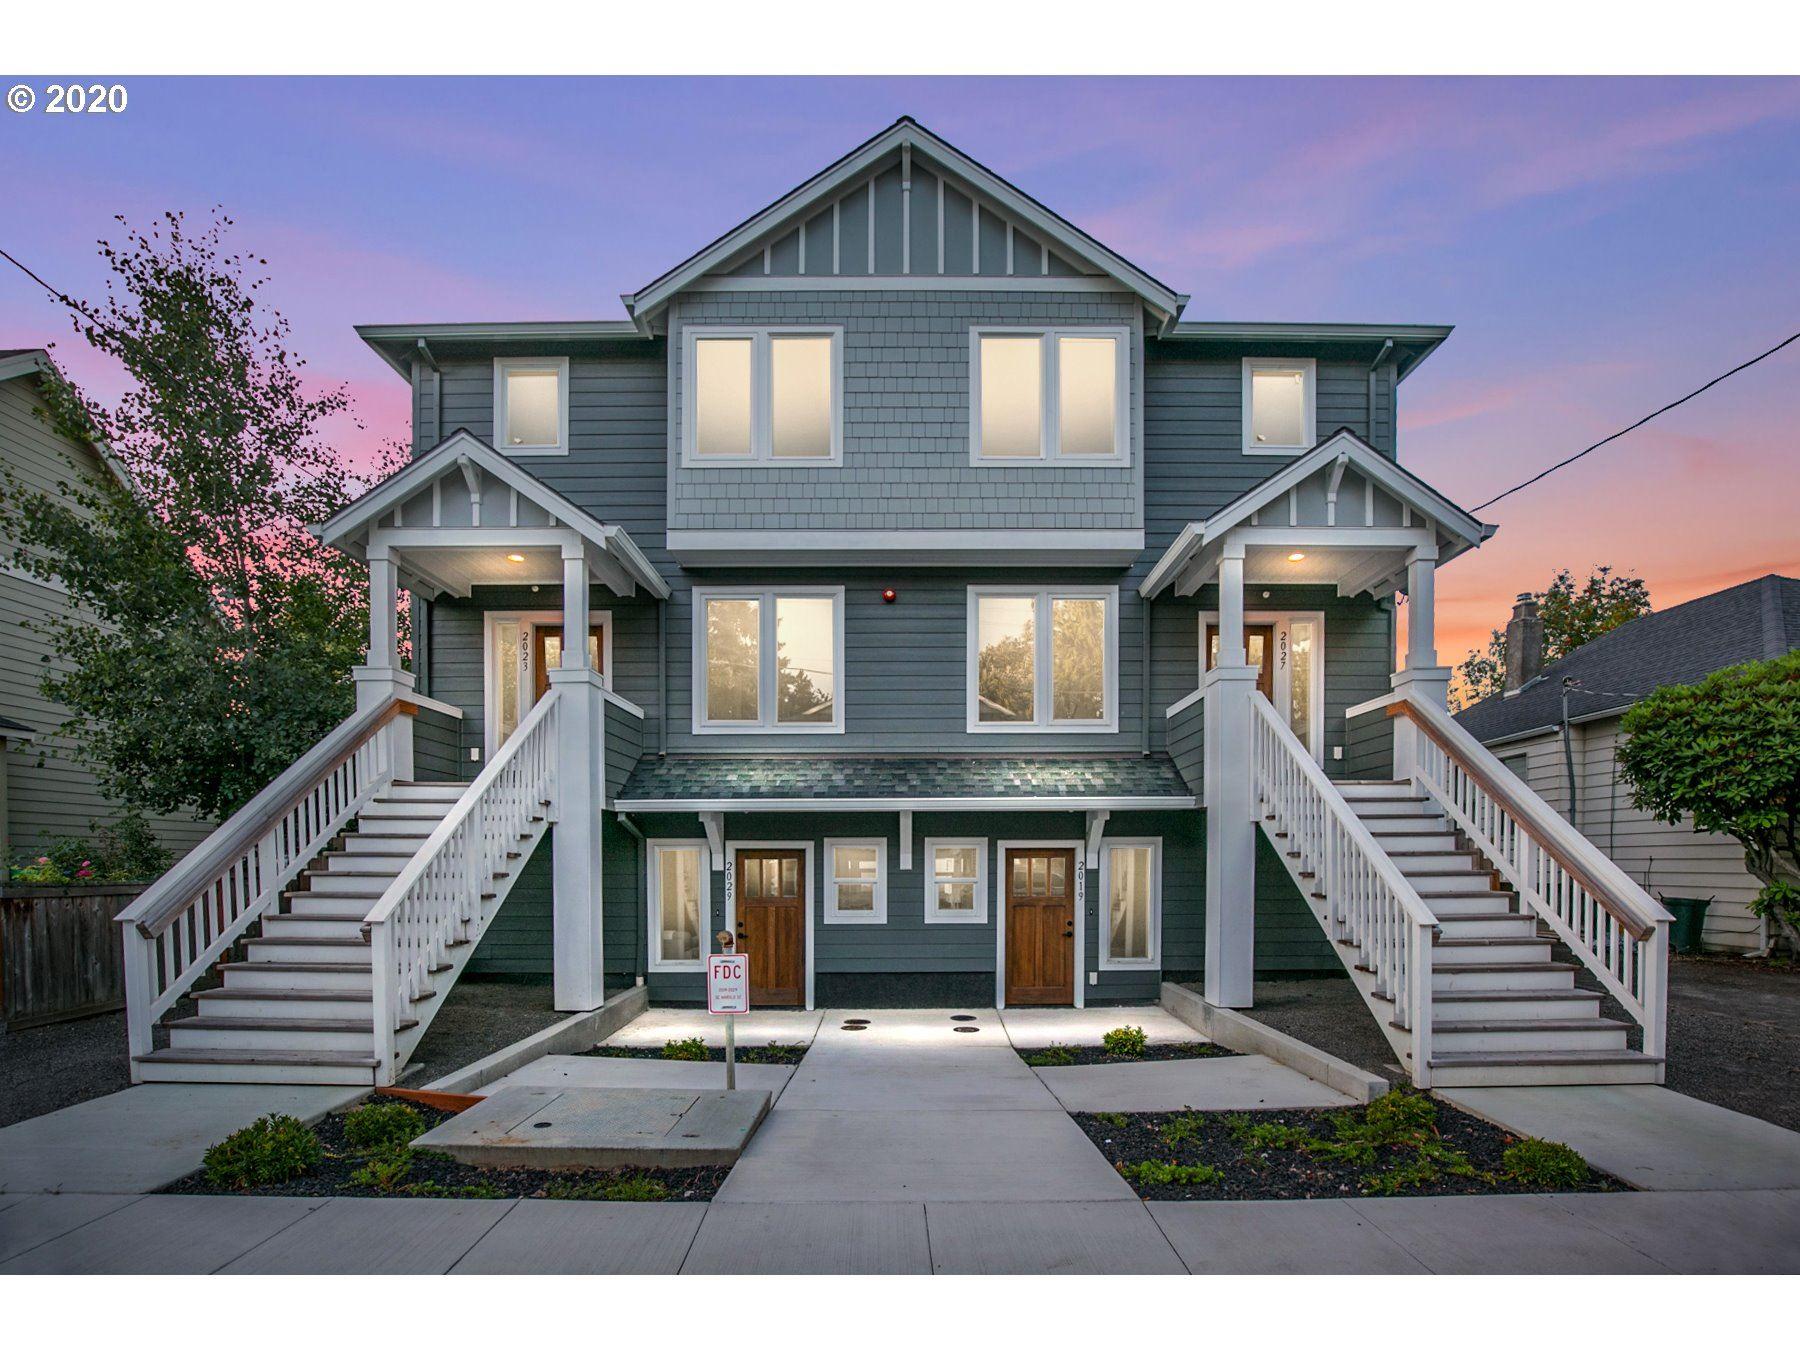 7651 N Westanna AVE, Portland, OR 97203 - MLS#: 19388141